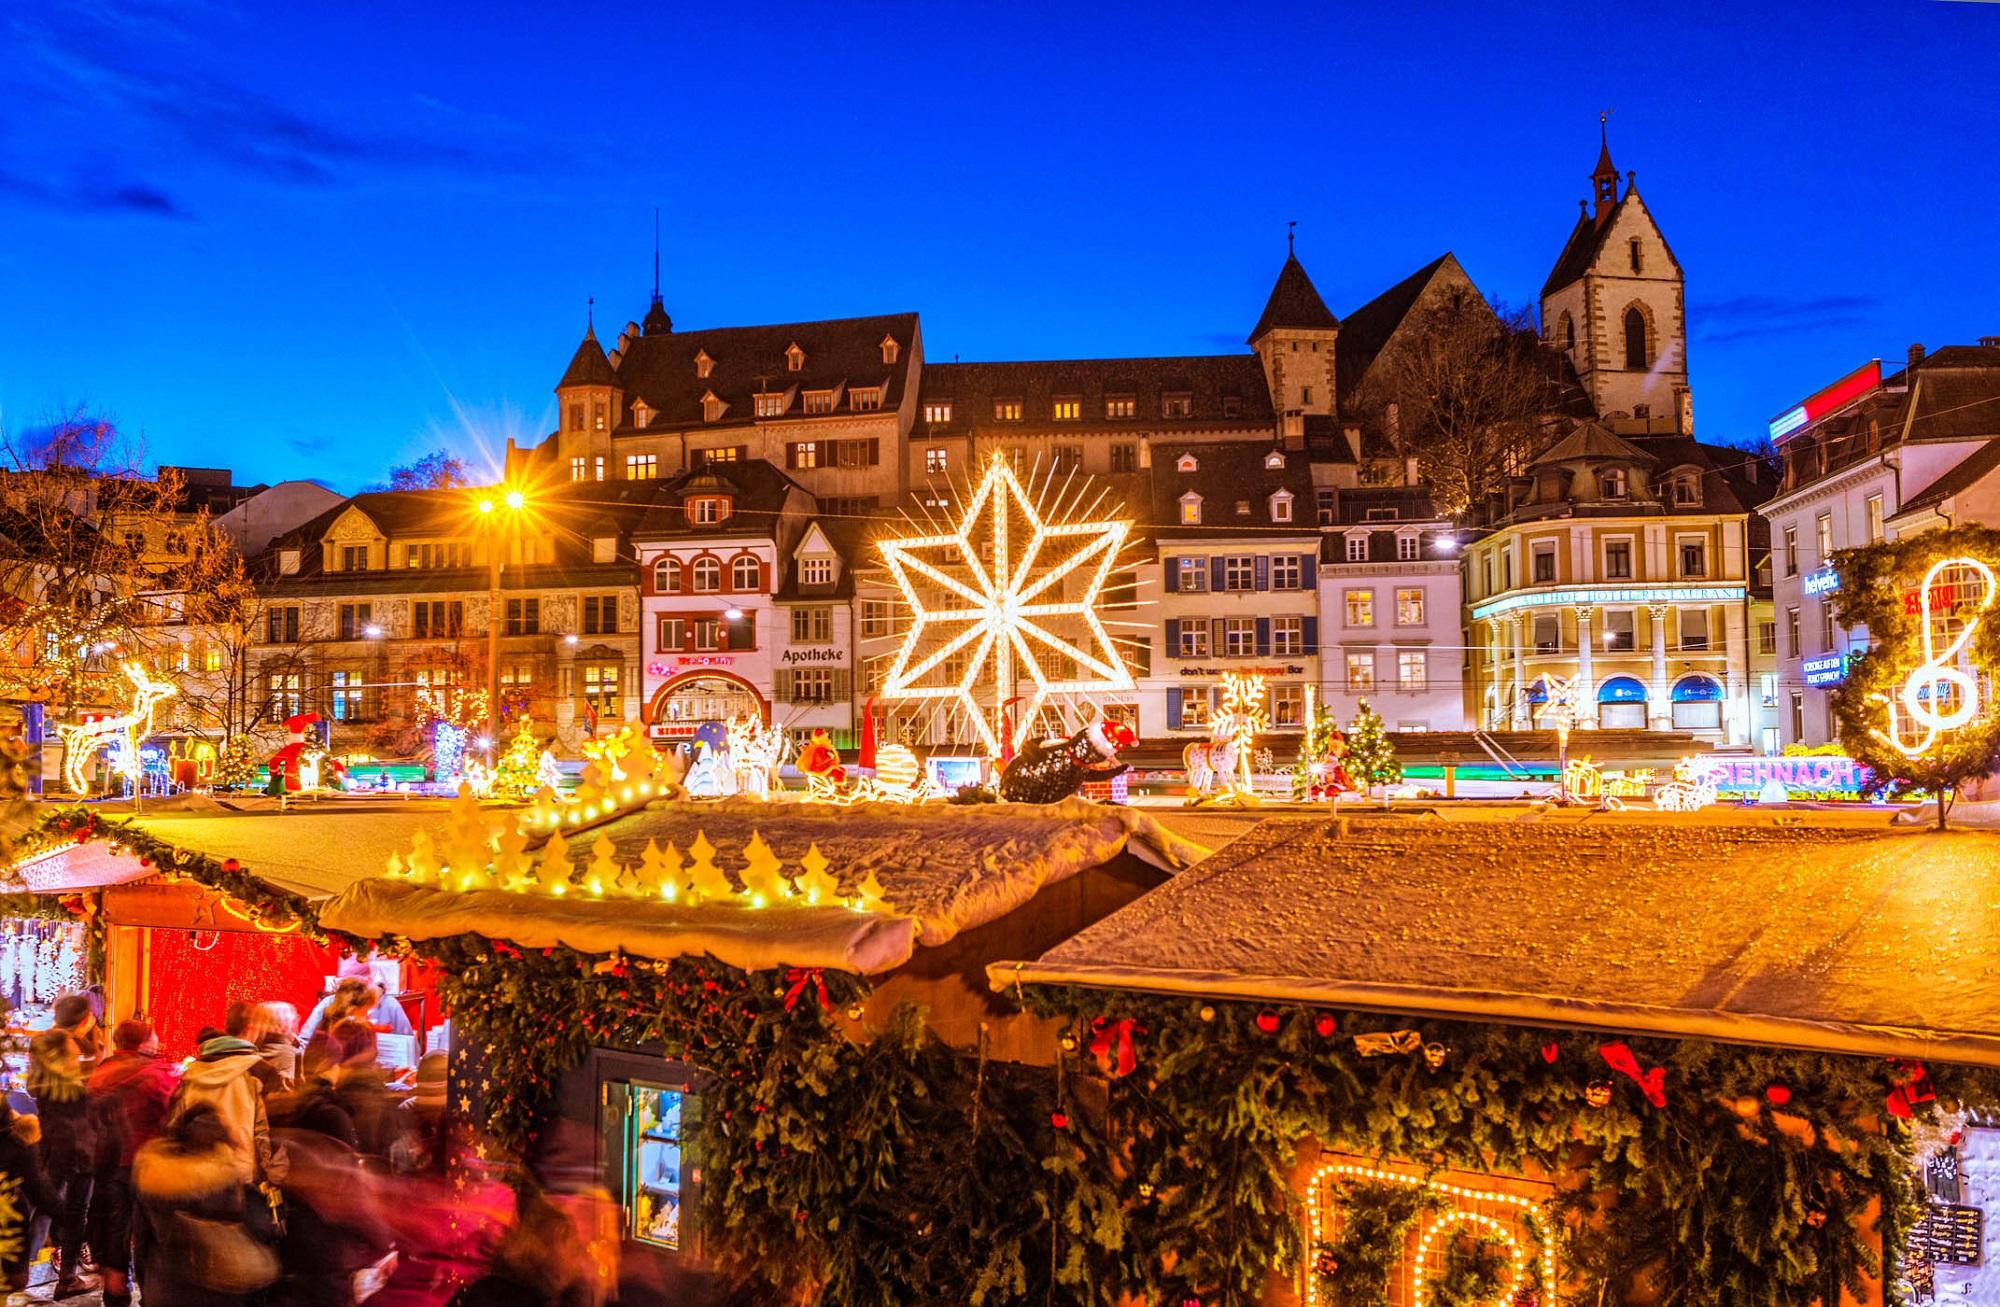 Besuch in der schweiz friends in svizzerland 1 - 2 6